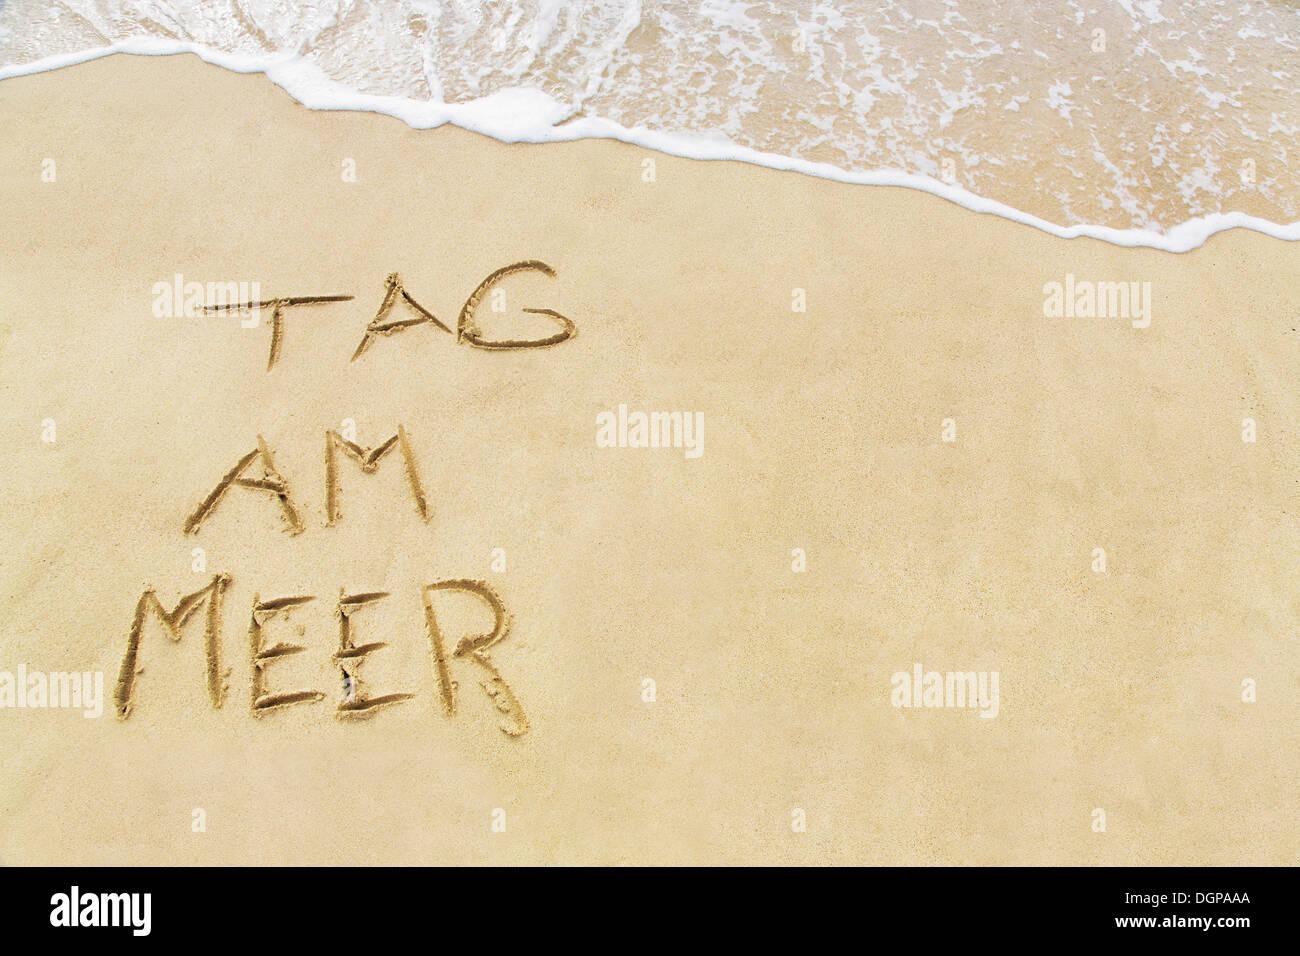 Tag am Meer, Deutsch für Tag am Meer, geschrieben in den Sand am Strand, Lanzarote, Kanarische Inseln, Spanien, Europa Stockbild